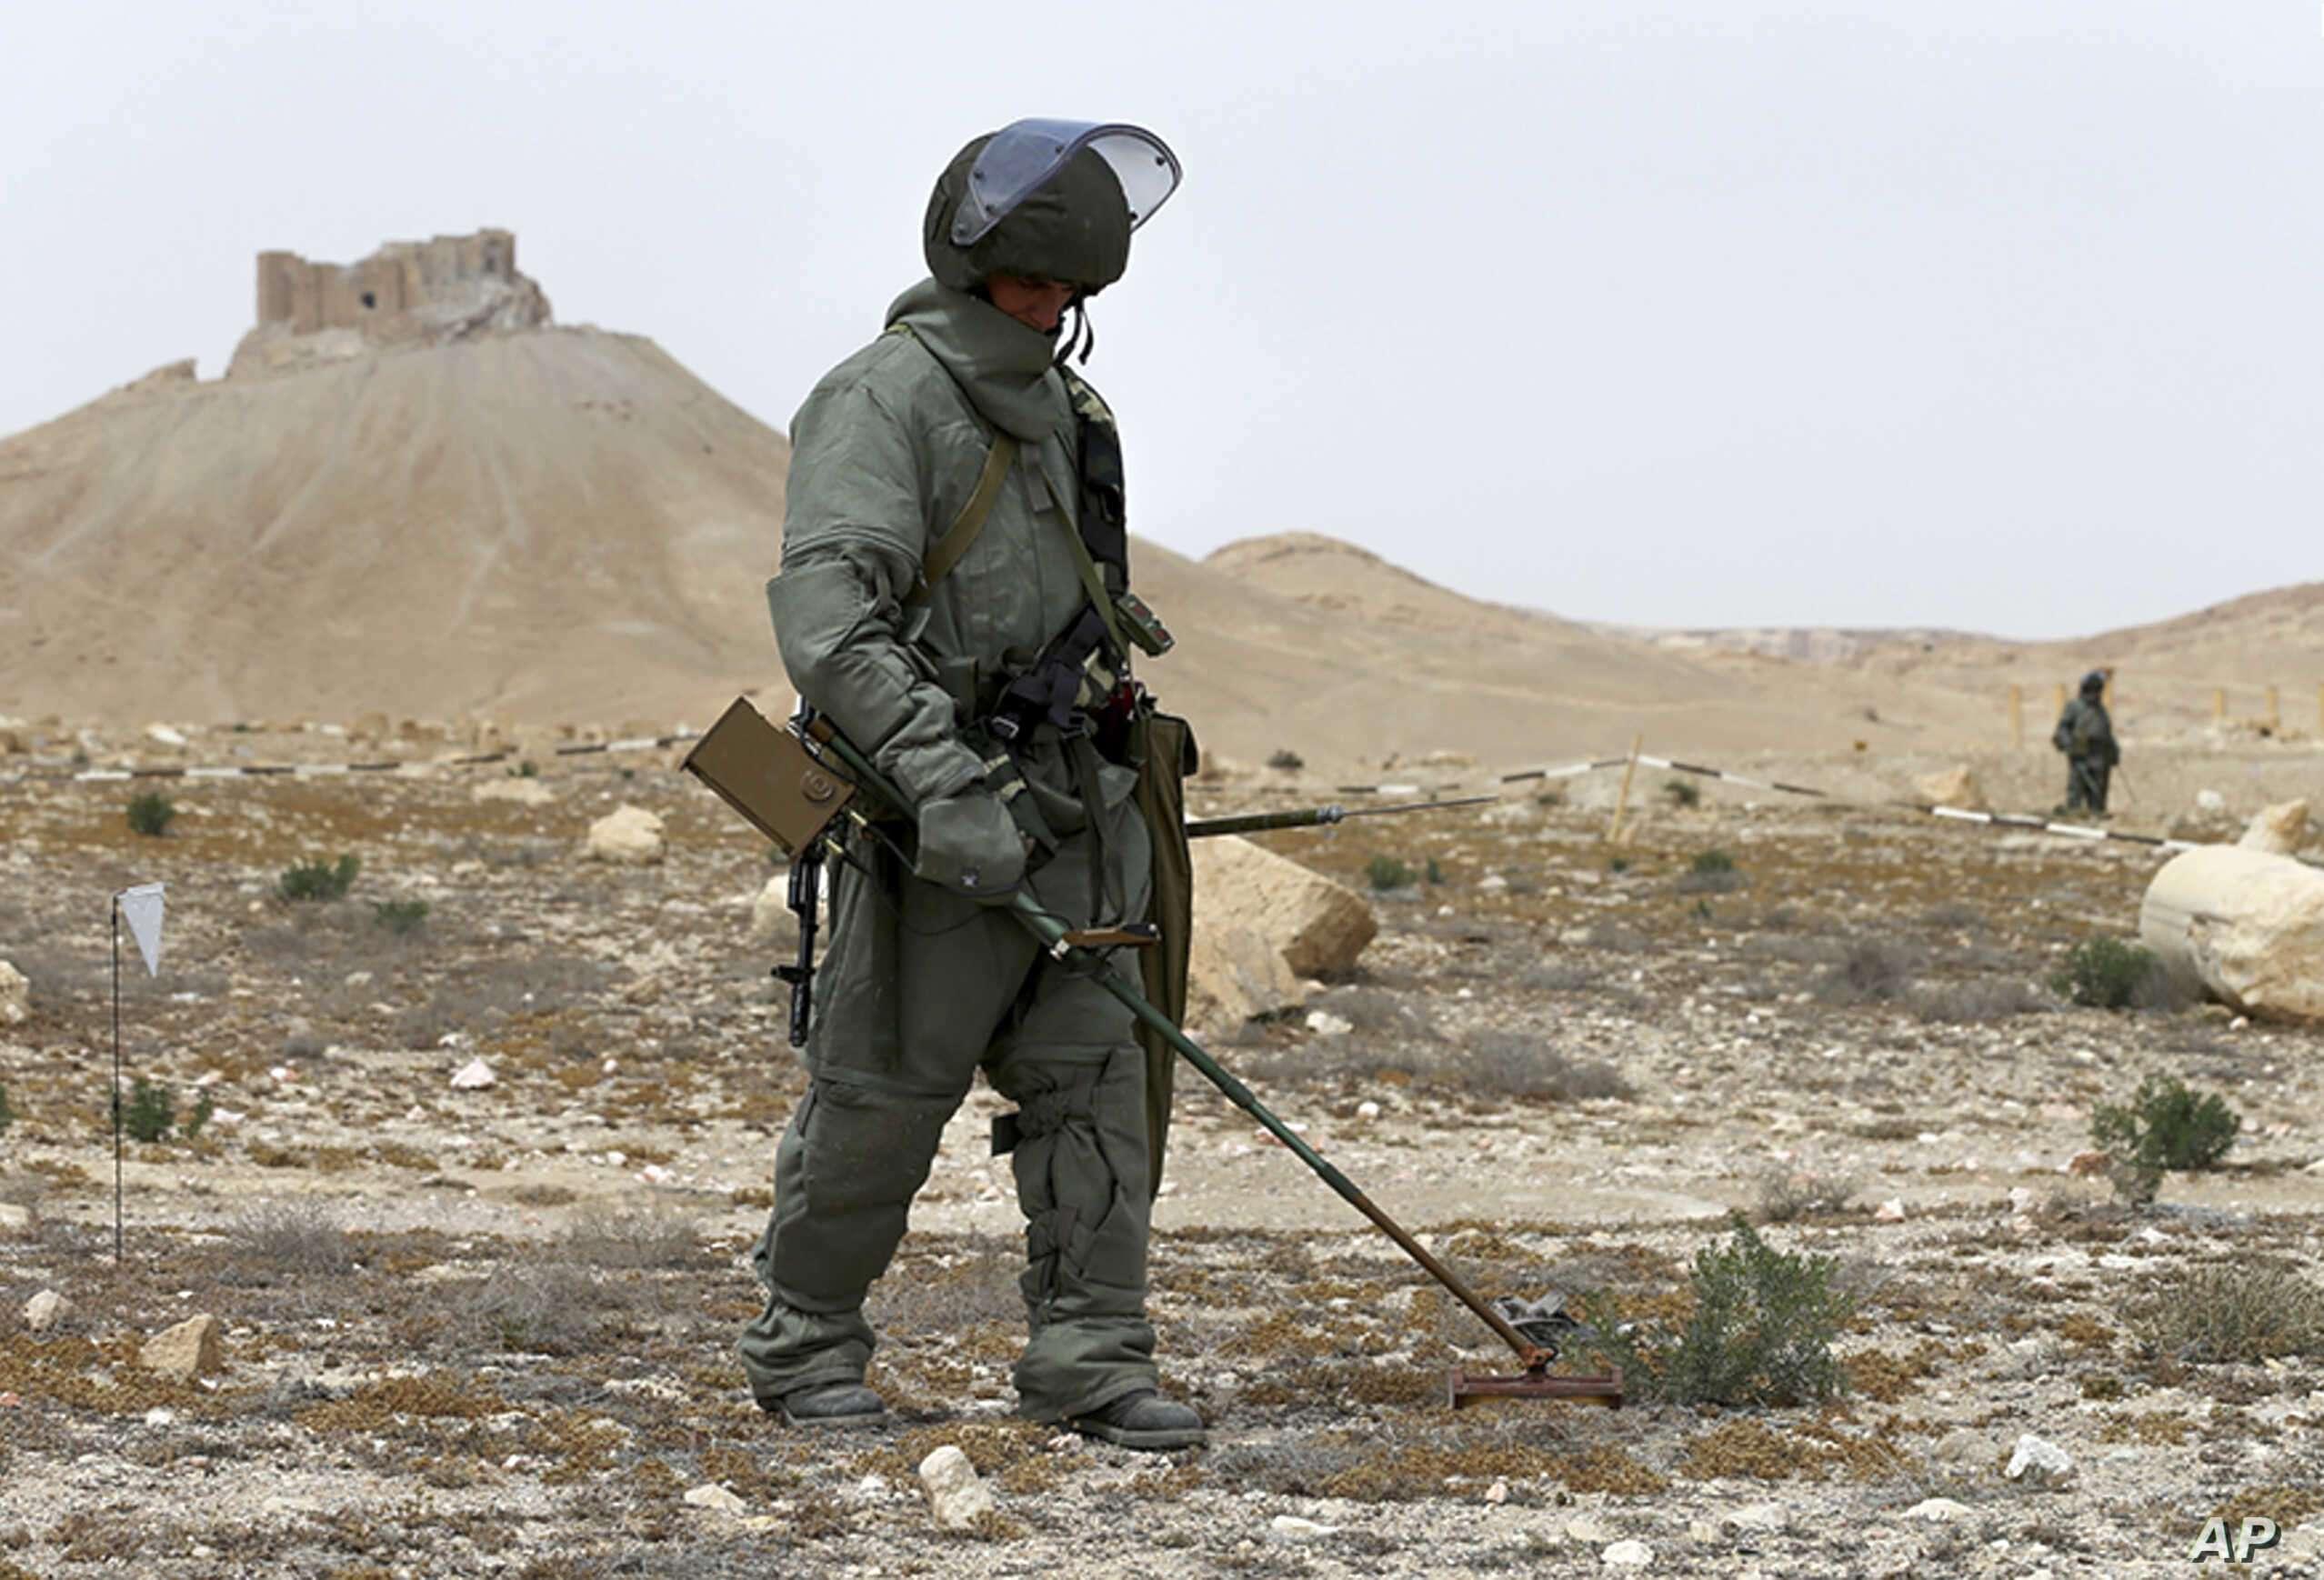 Nouveau rapport : Les incidents et les victimes d'explosions de mines terrestres en Syrie ont augmenté malgré la diminution des opérations militaires